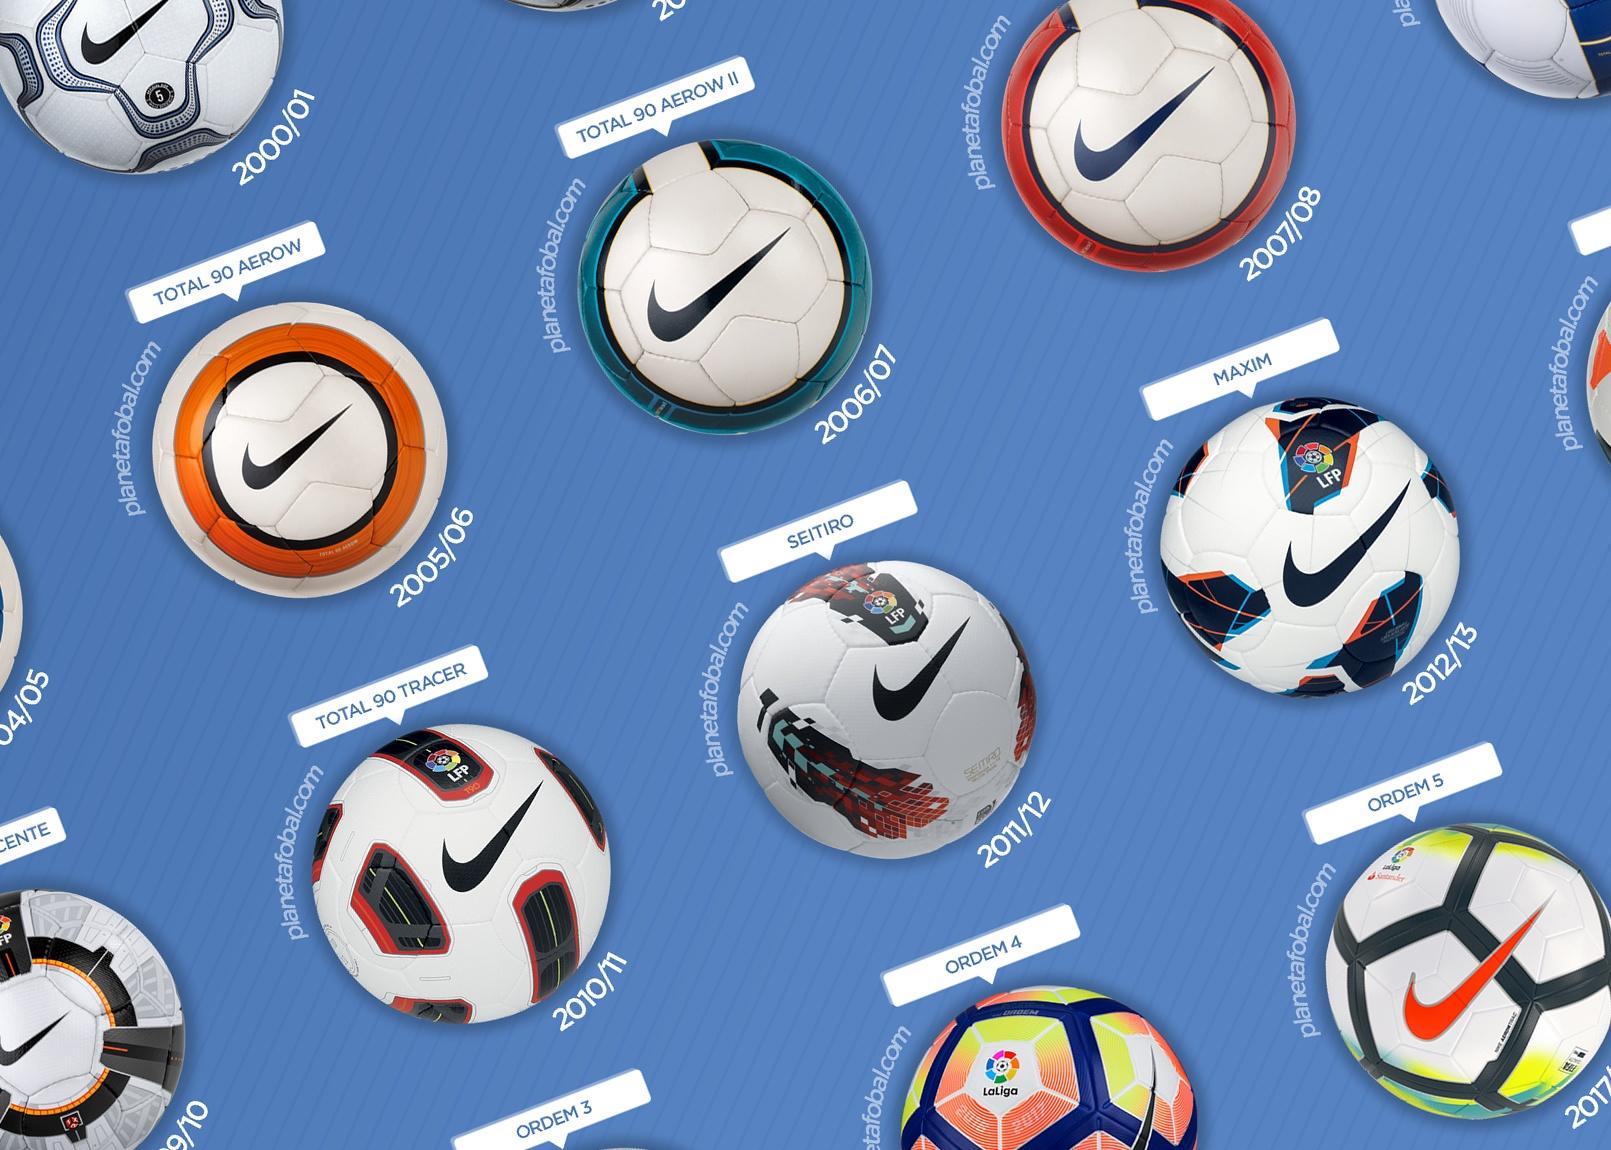 Cumbre ángel Judías verdes  Los balones Nike de LaLiga (1996-2019) | Infografías